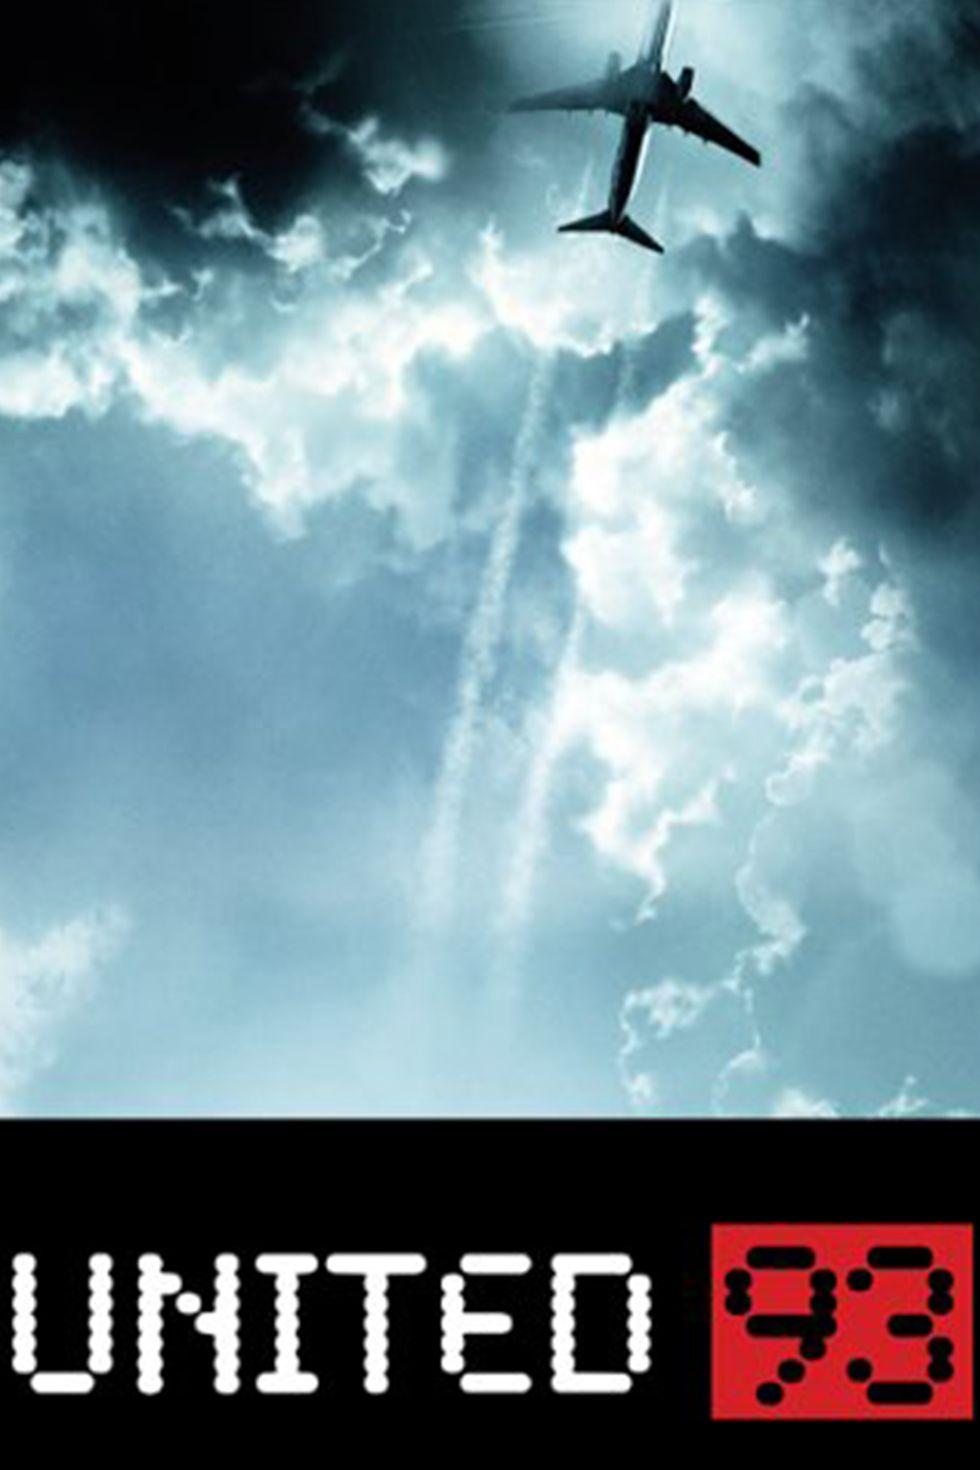 """""""Юнайтед 93"""" (2006) Филмът е за трагедията, сполетяла САЩ на 11 септември 2001 г. В лентата са използвани реални аудиозаписи от атентата, като се проследяват реакциите на пътниците от полет 93 на Юнайтед Еърлайнс. Това е единственият от 4-те похитени от """"Ал-кайда"""" самолета, който не достига целта си (Световния търговски център), а се разбива в поле в Пенсилвания."""